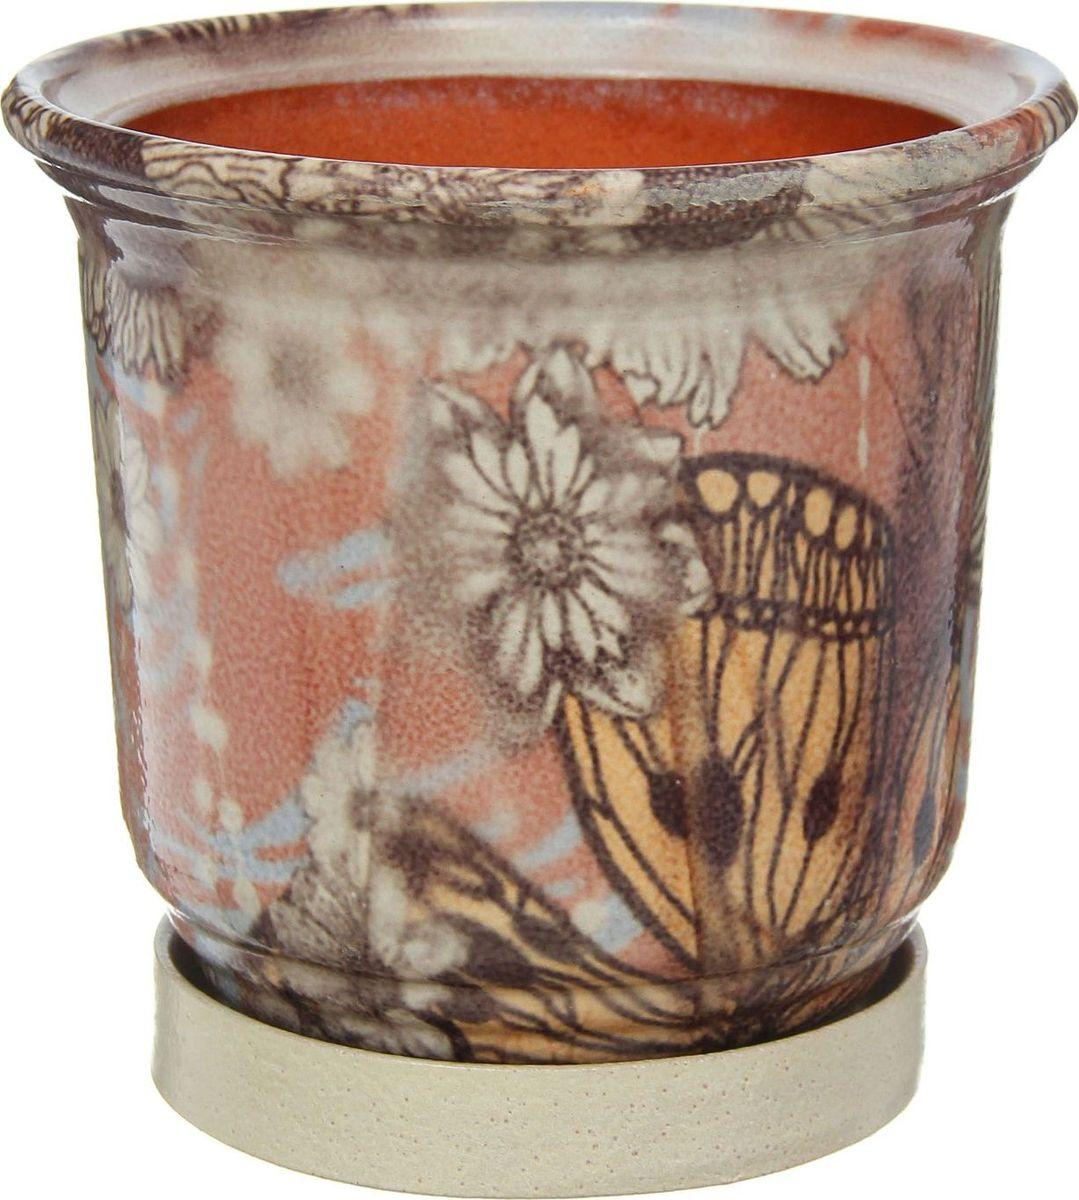 Кашпо Бабочки, 1,3 л1267406Комнатные растения — всеобщие любимцы. Они радуют глаз, насыщают помещение кислородом и украшают пространство. Каждому из них необходим свой удобный и красивый дом. Кашпо из керамики прекрасно подходят для высадки растений: за счет пластичности глины и разных способов обработки существует великое множество форм и дизайнов пористый материал позволяет испаряться лишней влаге воздух, необходимый для дыхания корней, проникает сквозь керамические стенки! позаботится о зеленом питомце, освежит интерьер и подчеркнет его стиль.